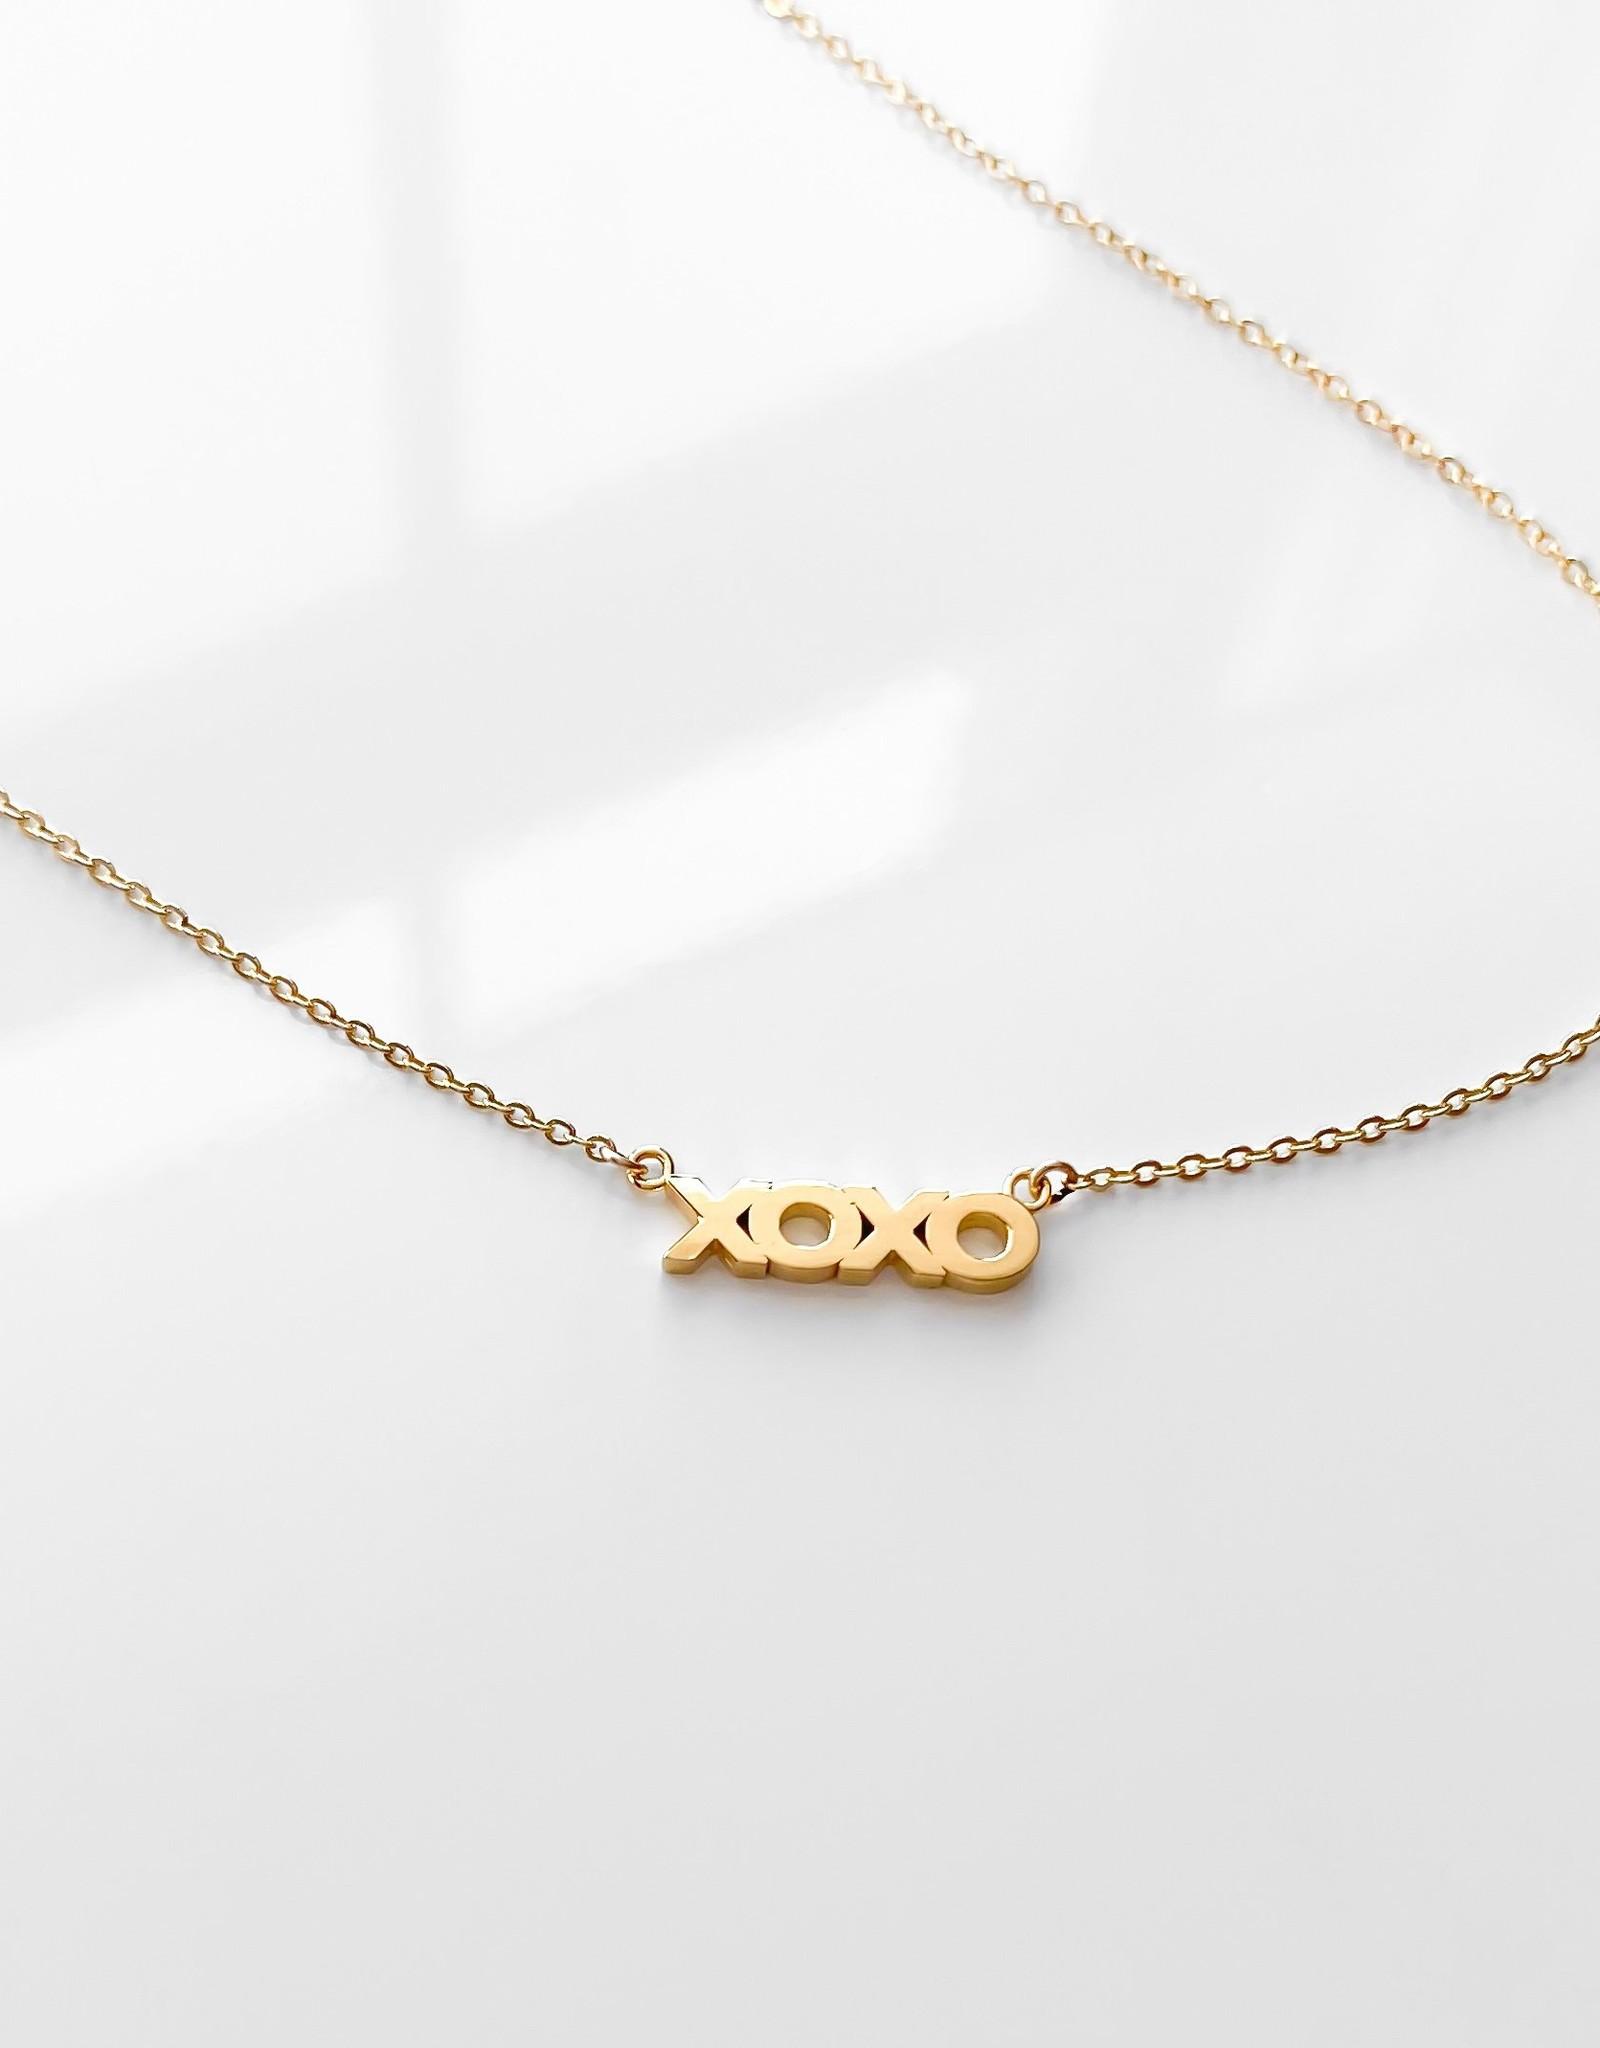 Thatch Jewelry xoxo Necklace